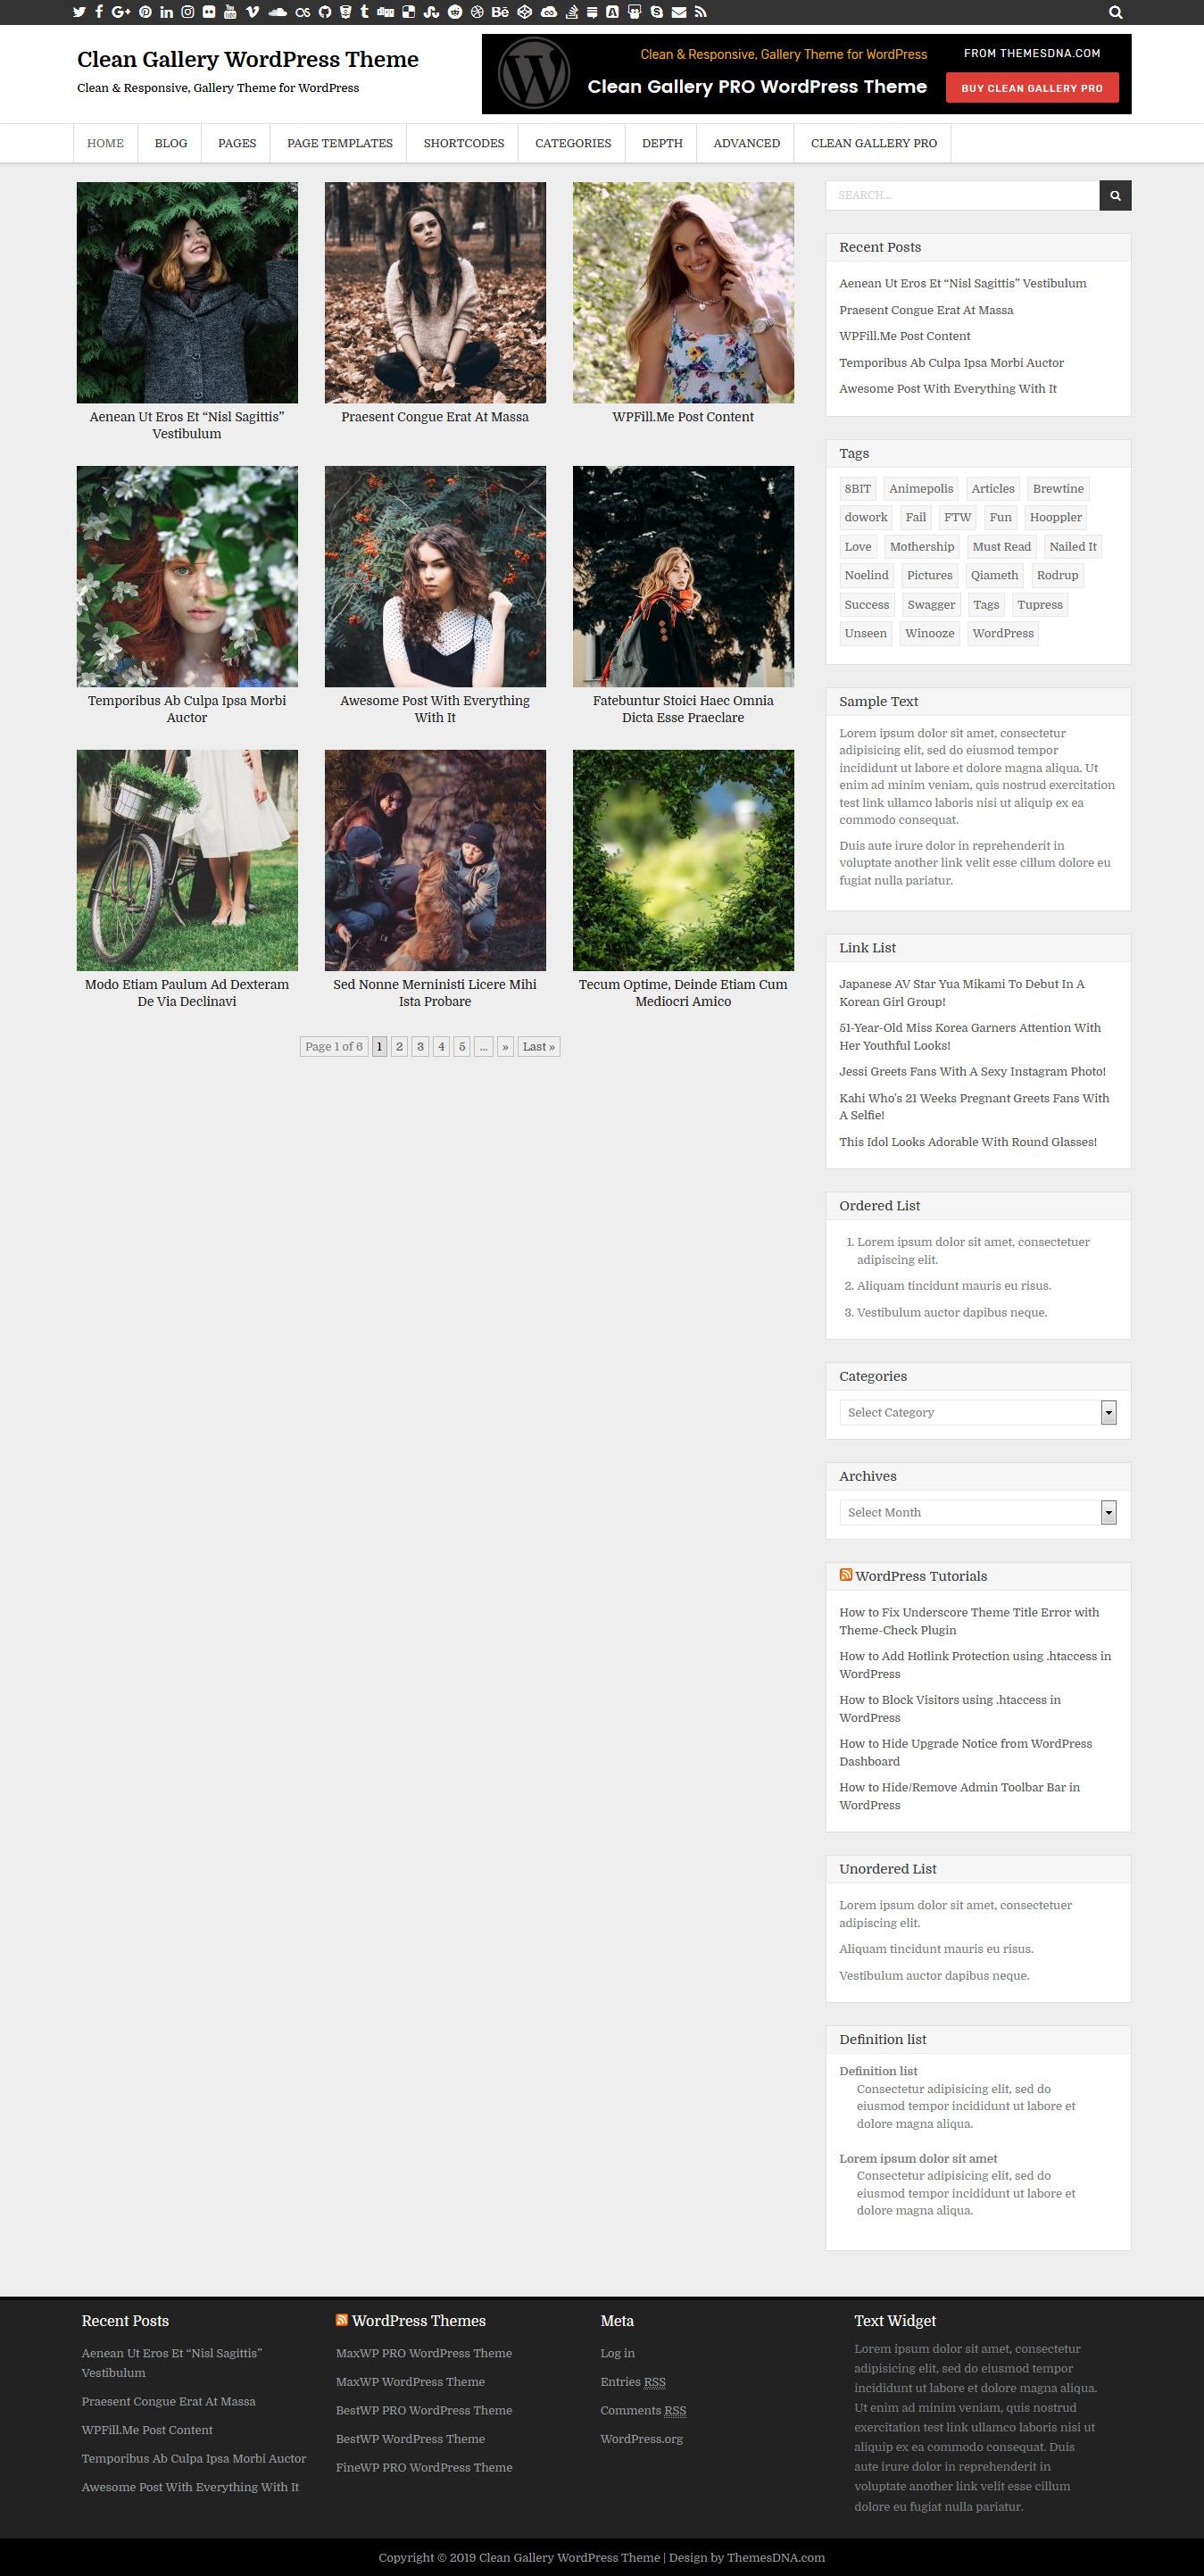 clean gallery best free gallery wordpress theme - 10+ Best Free Gallery WordPress Themes